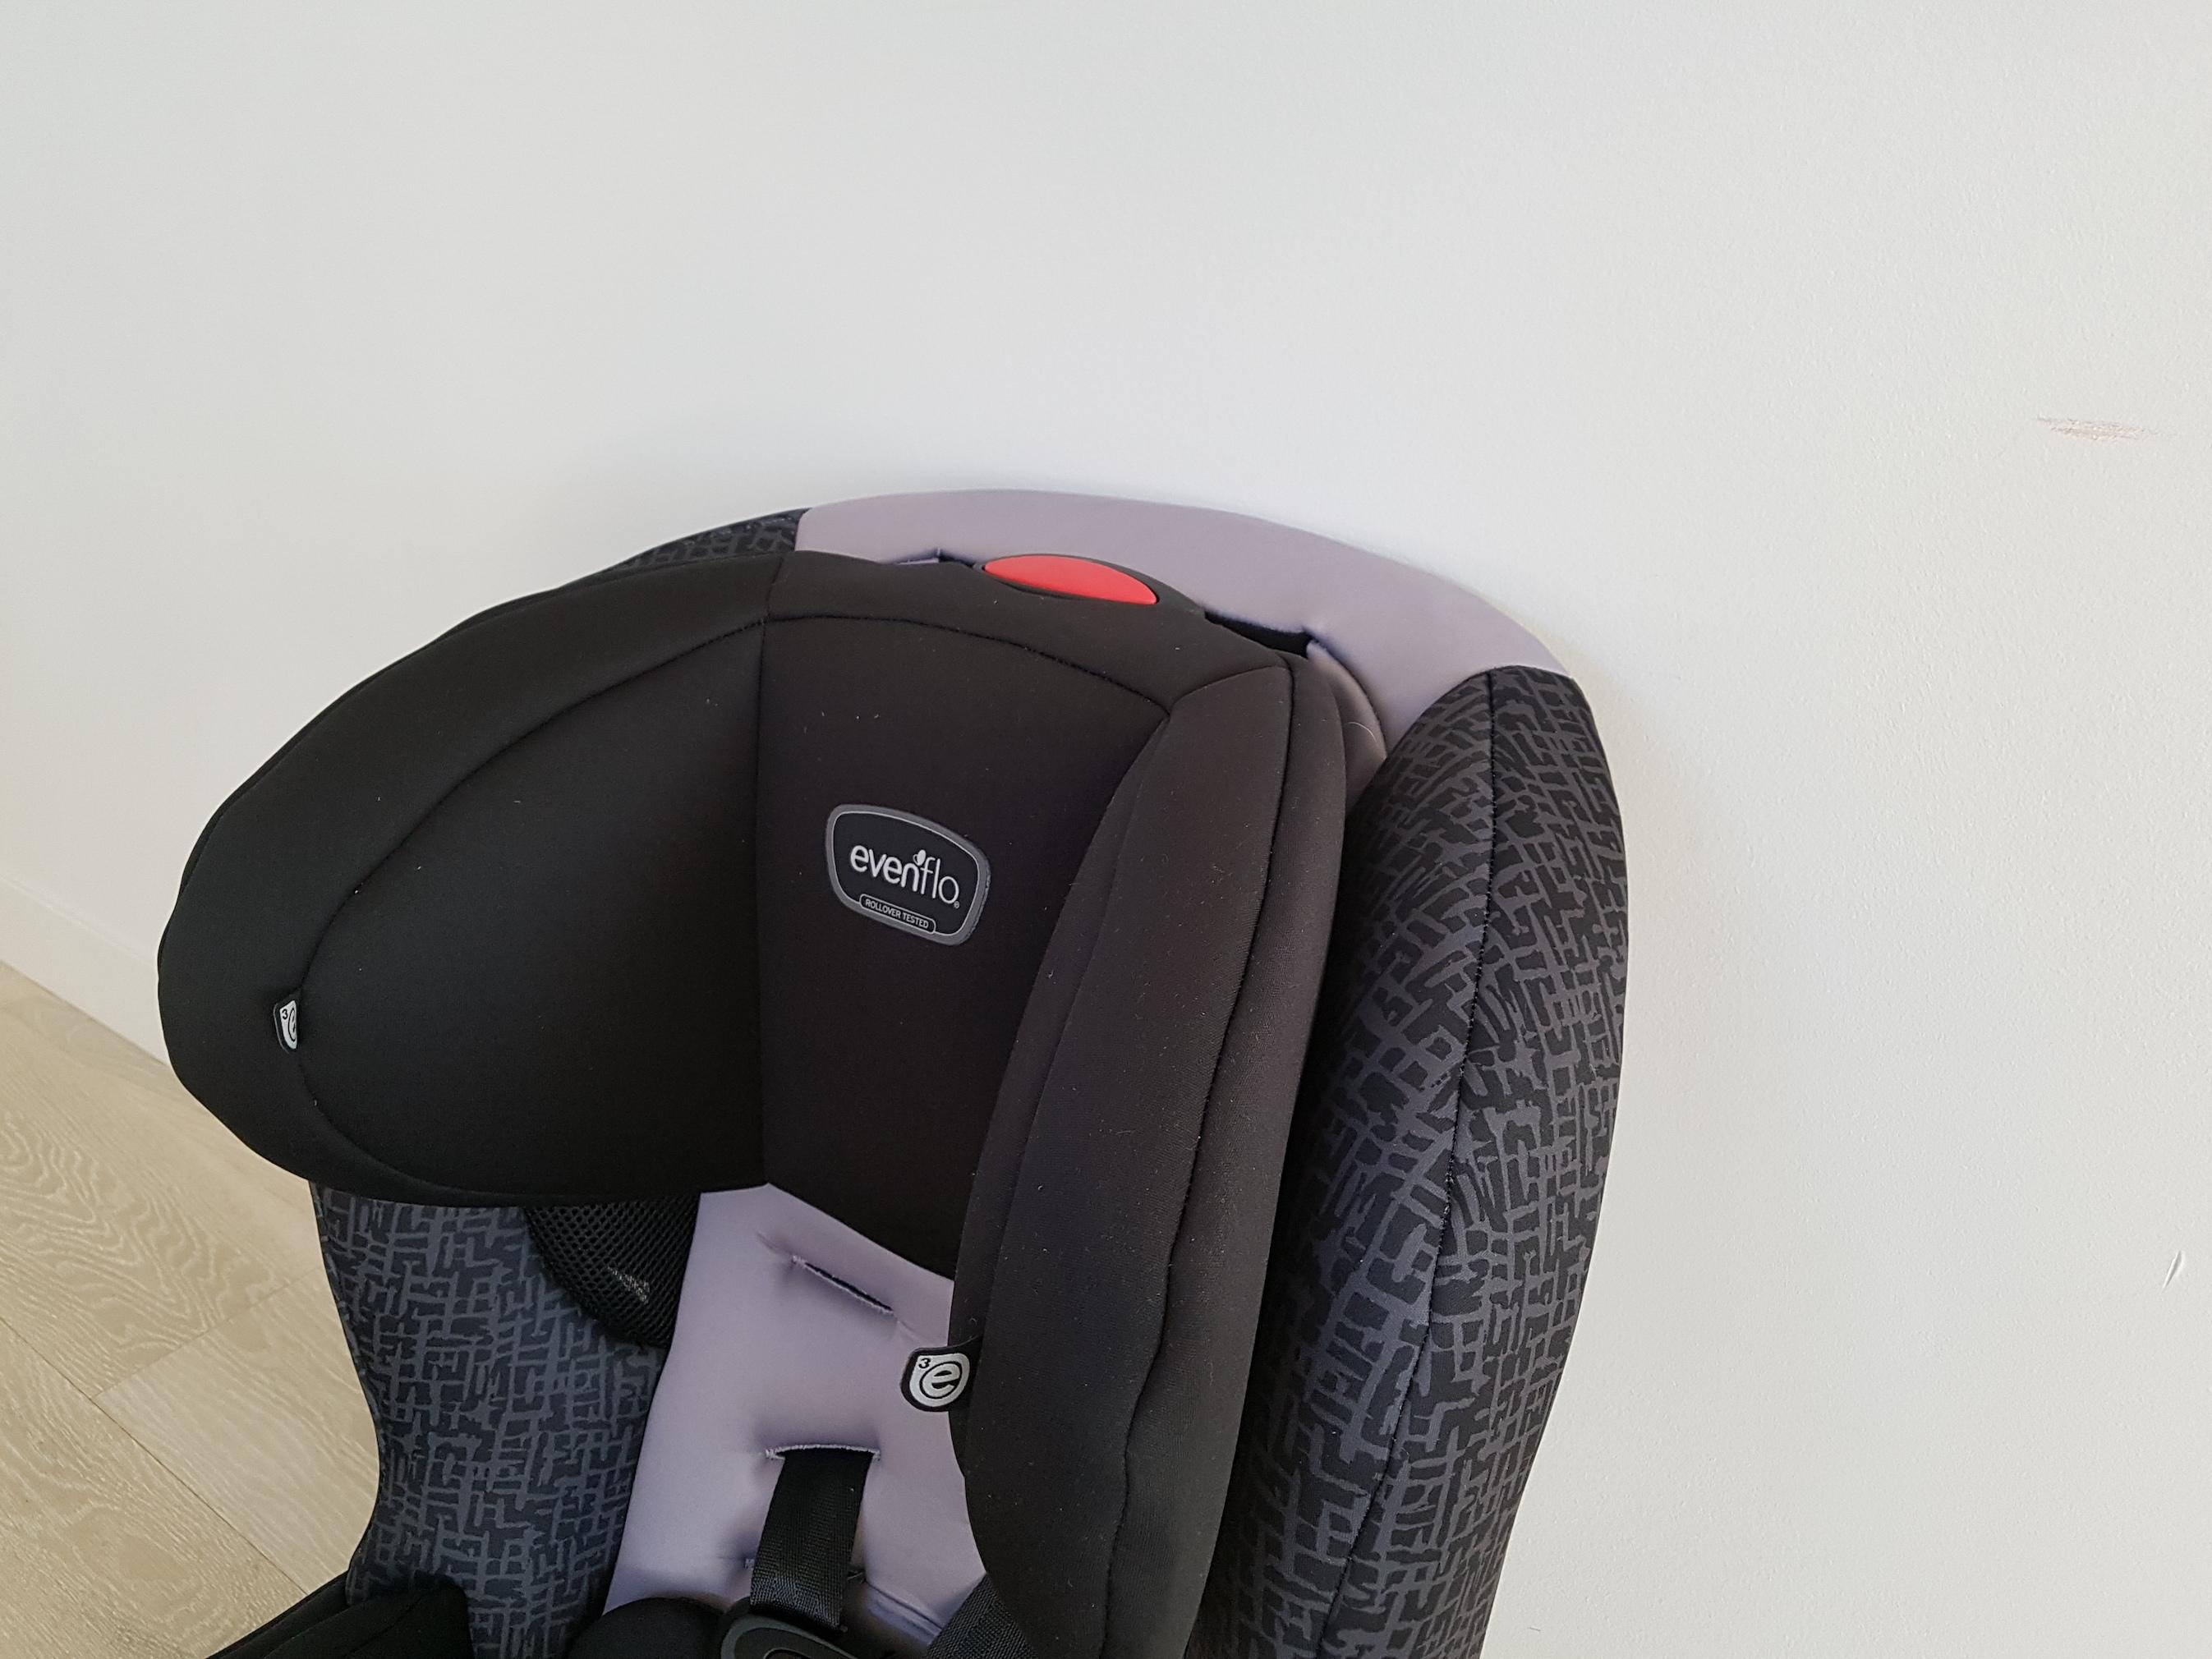 evenflo_car_seat_bby_head_rest3